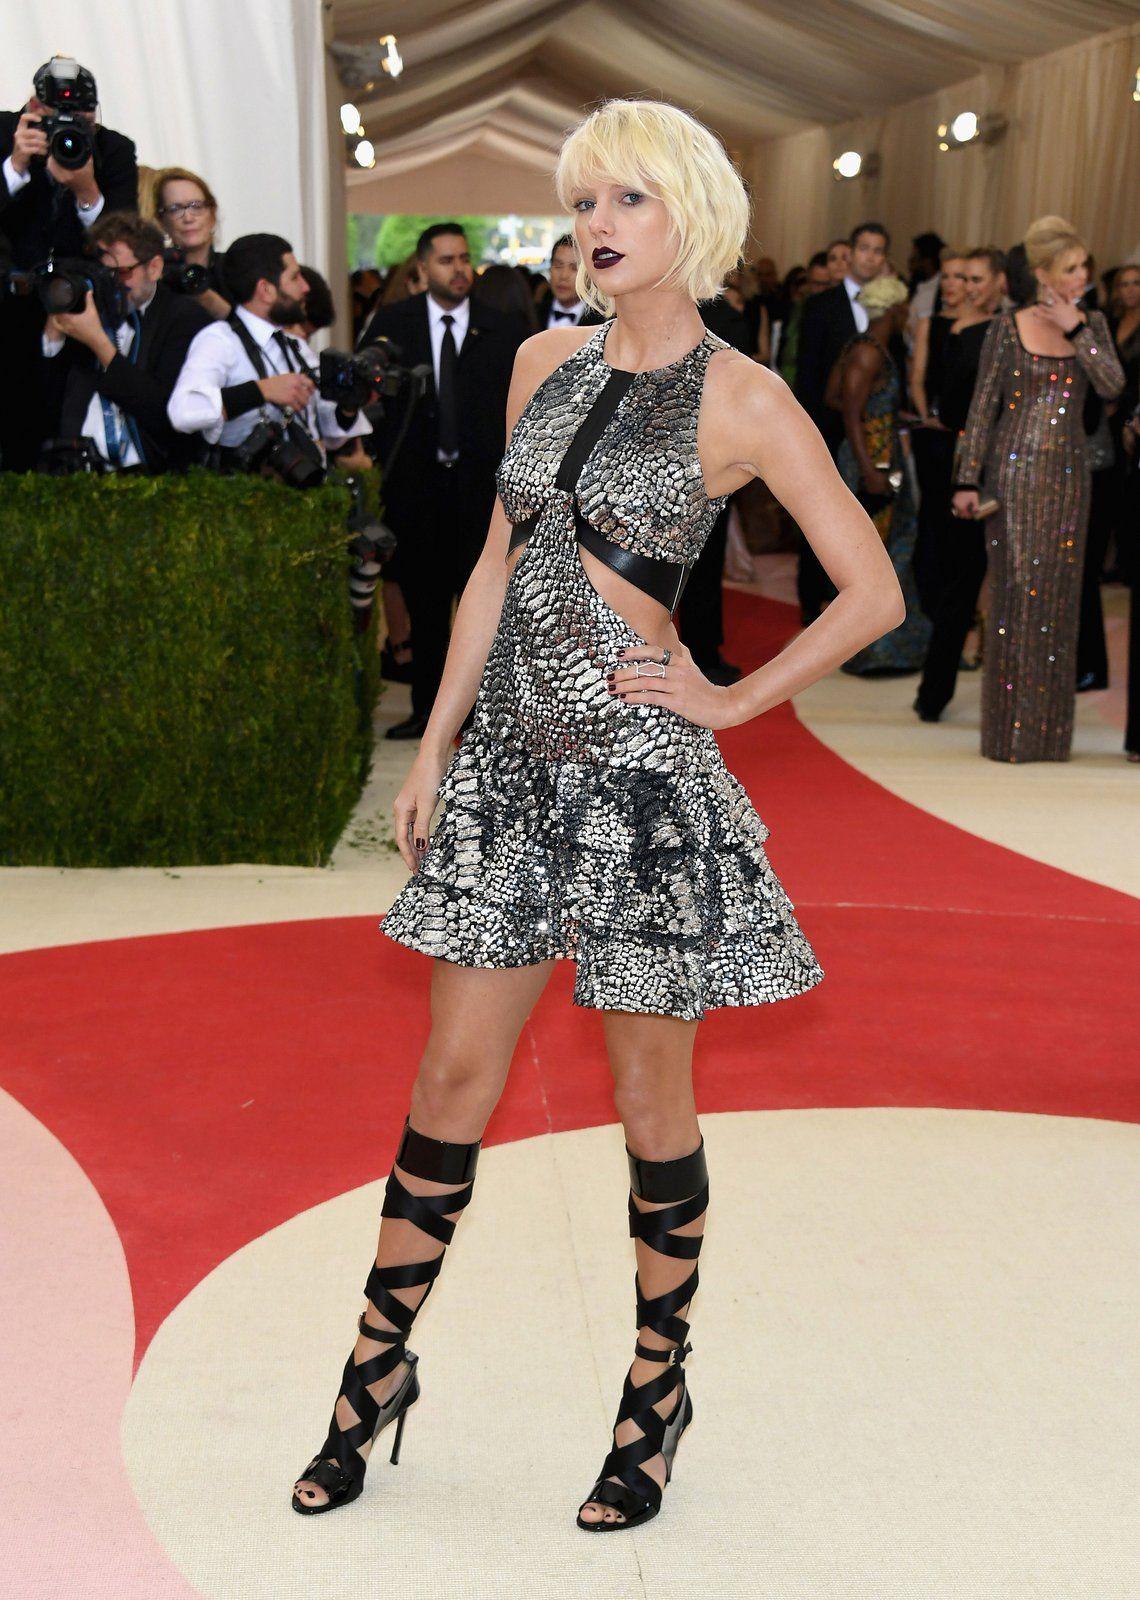 *** #FashionNEWS ***  Il #METGala, la festa dell'anno, ovvero uno dei #RedCarpet più importanti del settore della moda, è finalmente arrivato! L'appuntamento annuale del Metropolitan Museum di New York con il suo Art's Costume Institute Gala, ha appena avuto luogo, vogliamo mostrarvi alcuni degli arrivi sul tappeto rosso...! Il tema di quest'anno: Manus ex Machina: la moda nell'era della #tecnologia.  Il #futuro della #moda è qui.  TAYLOR SWIFT